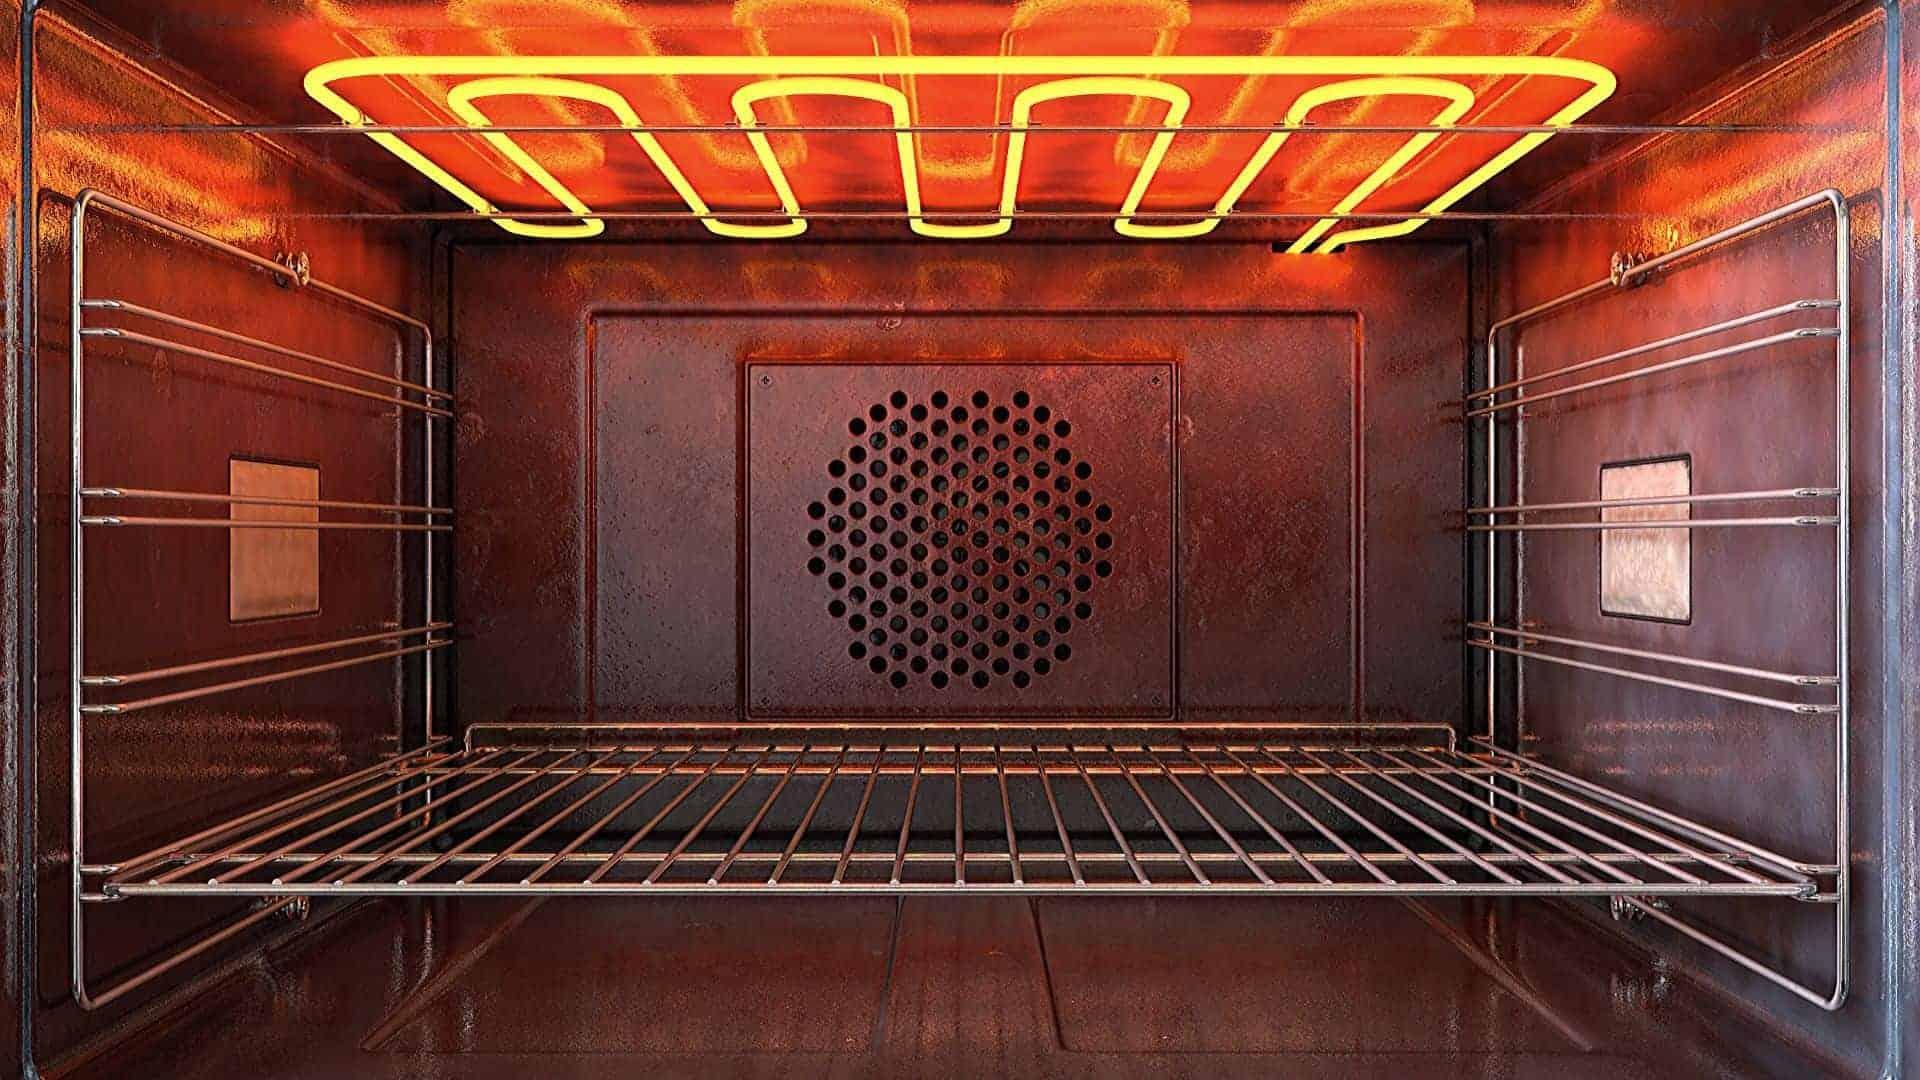 Bespaar-energie-door-je-oven-dicht-te-laten